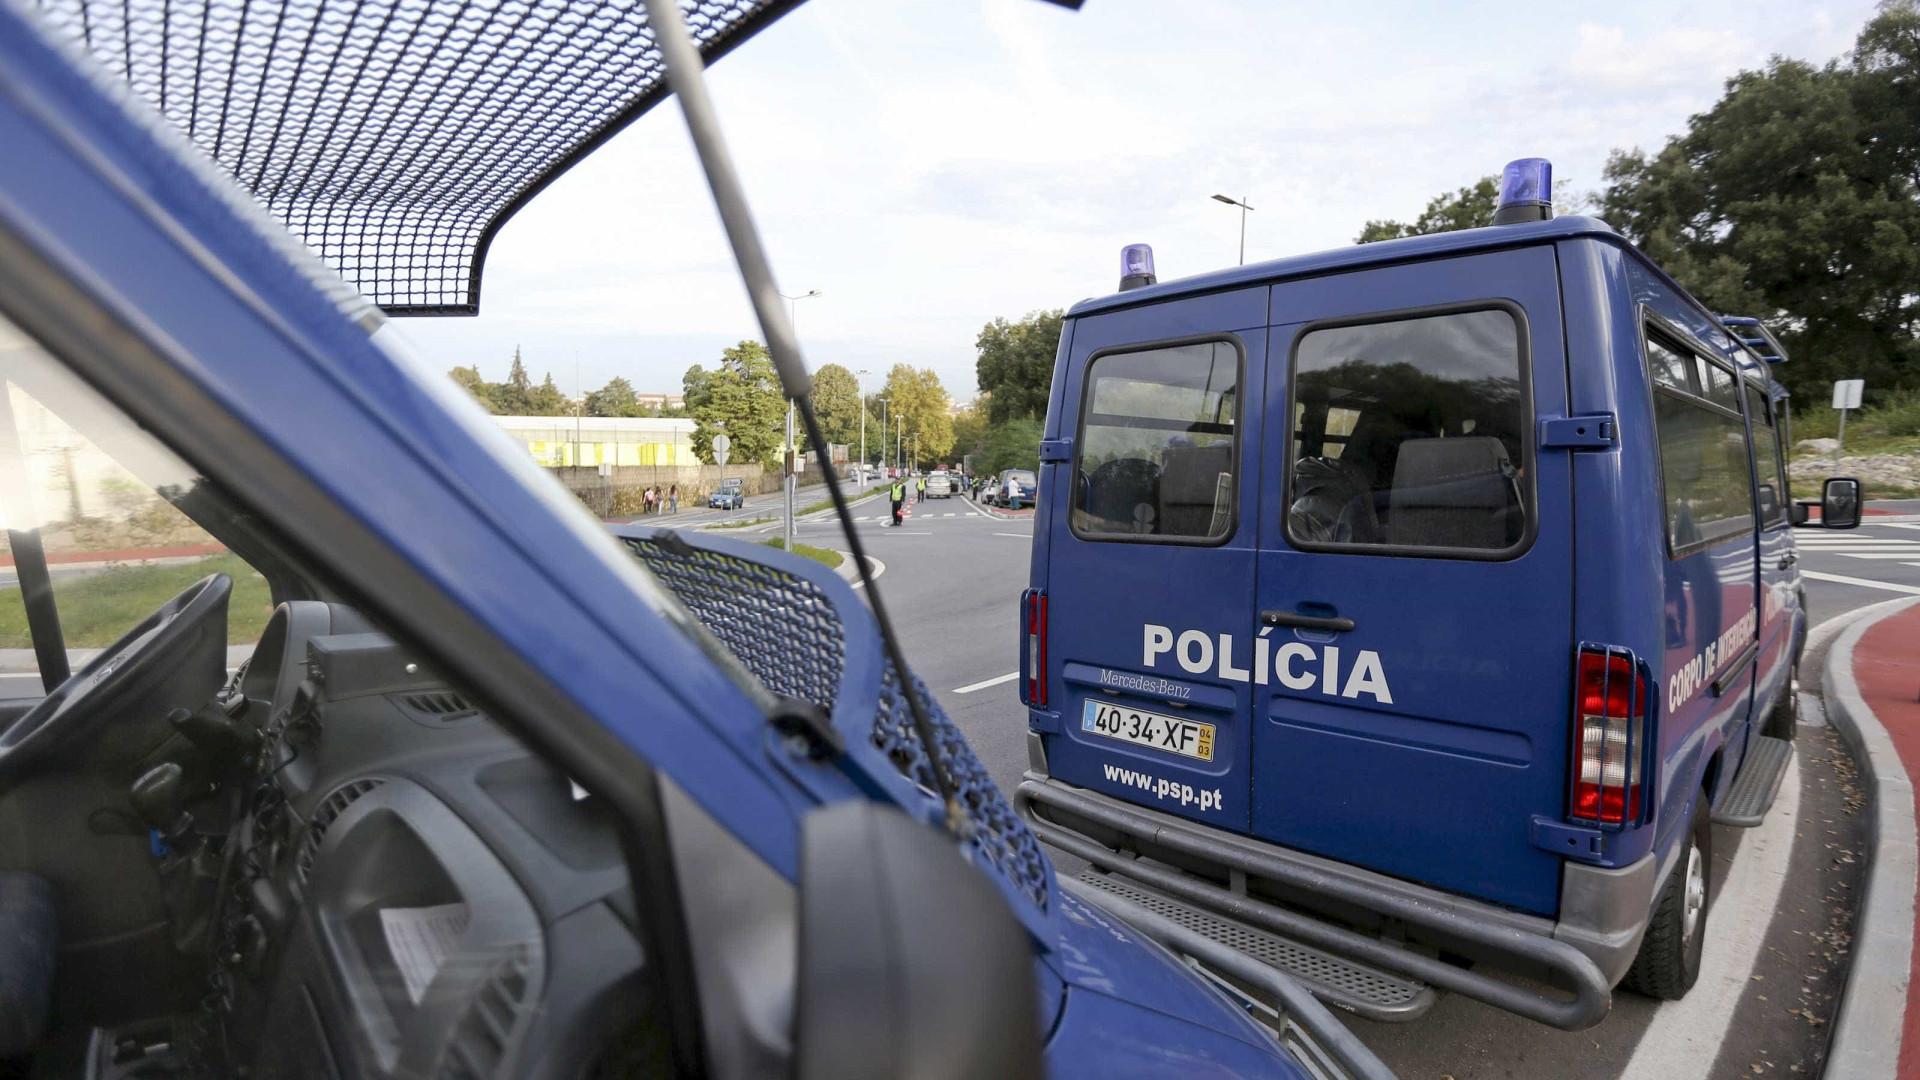 PSP/Açores deteve duas pessoas e apreendeu 3.500 doses de haxixe